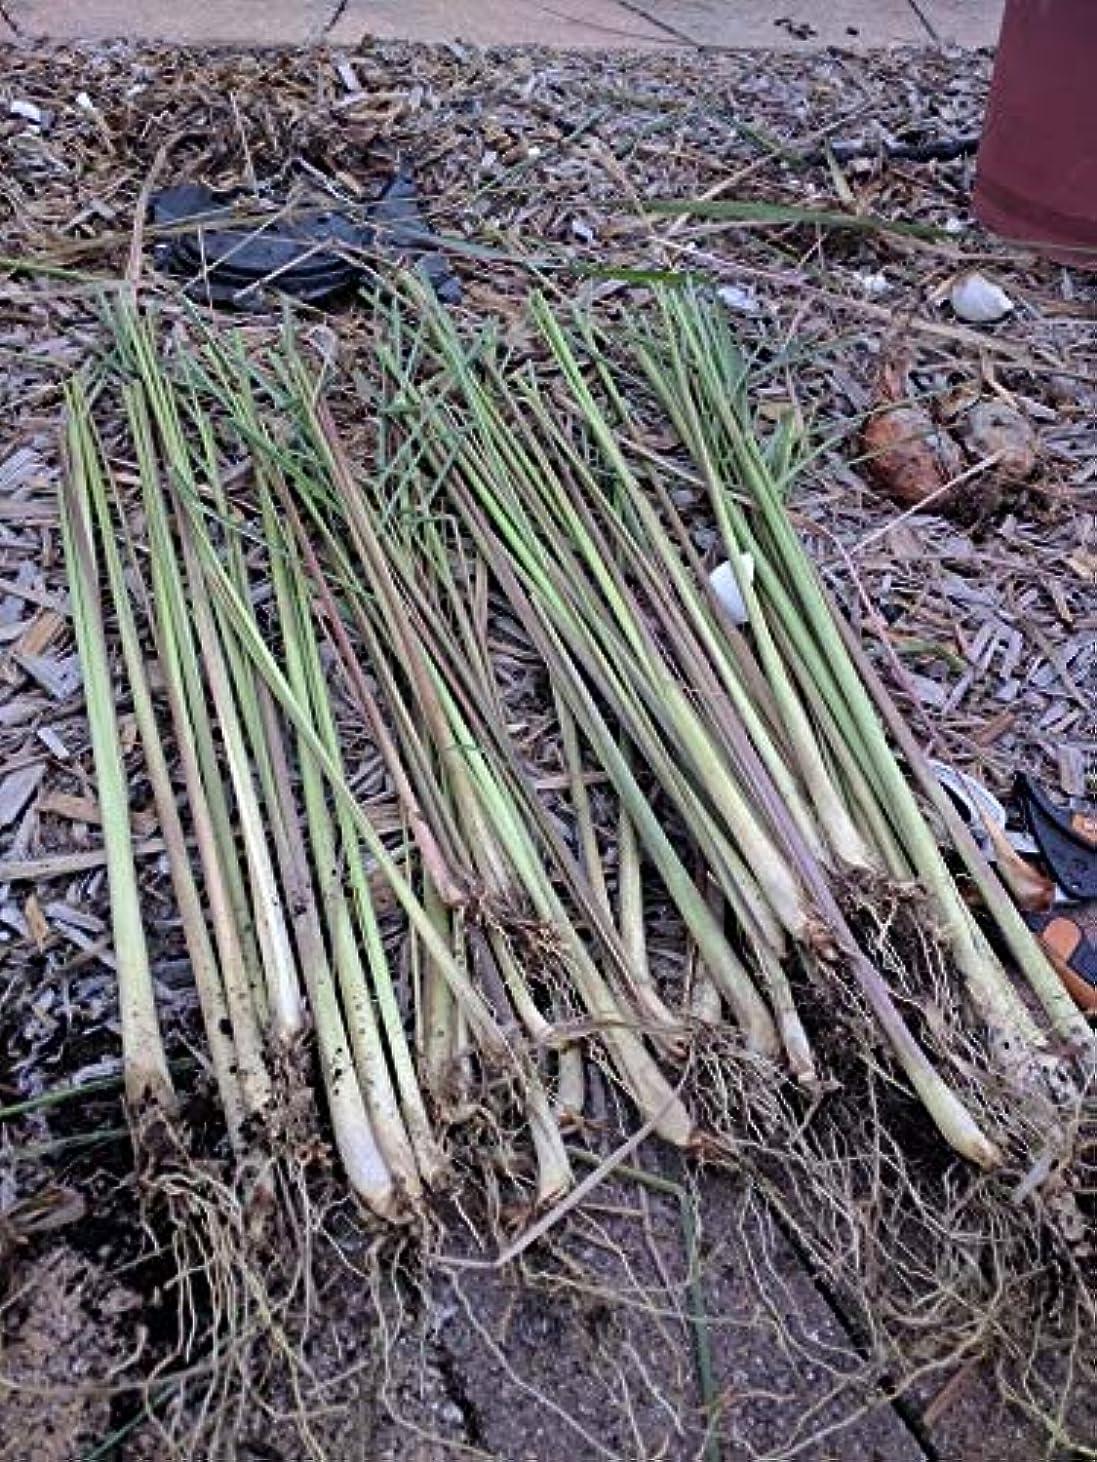 温度接ぎ木ドラッグ用途:ハーブティー - タイ料理 - カレー - 健康上の利点 - エッセンシャルオイル - アロマセラピーを。